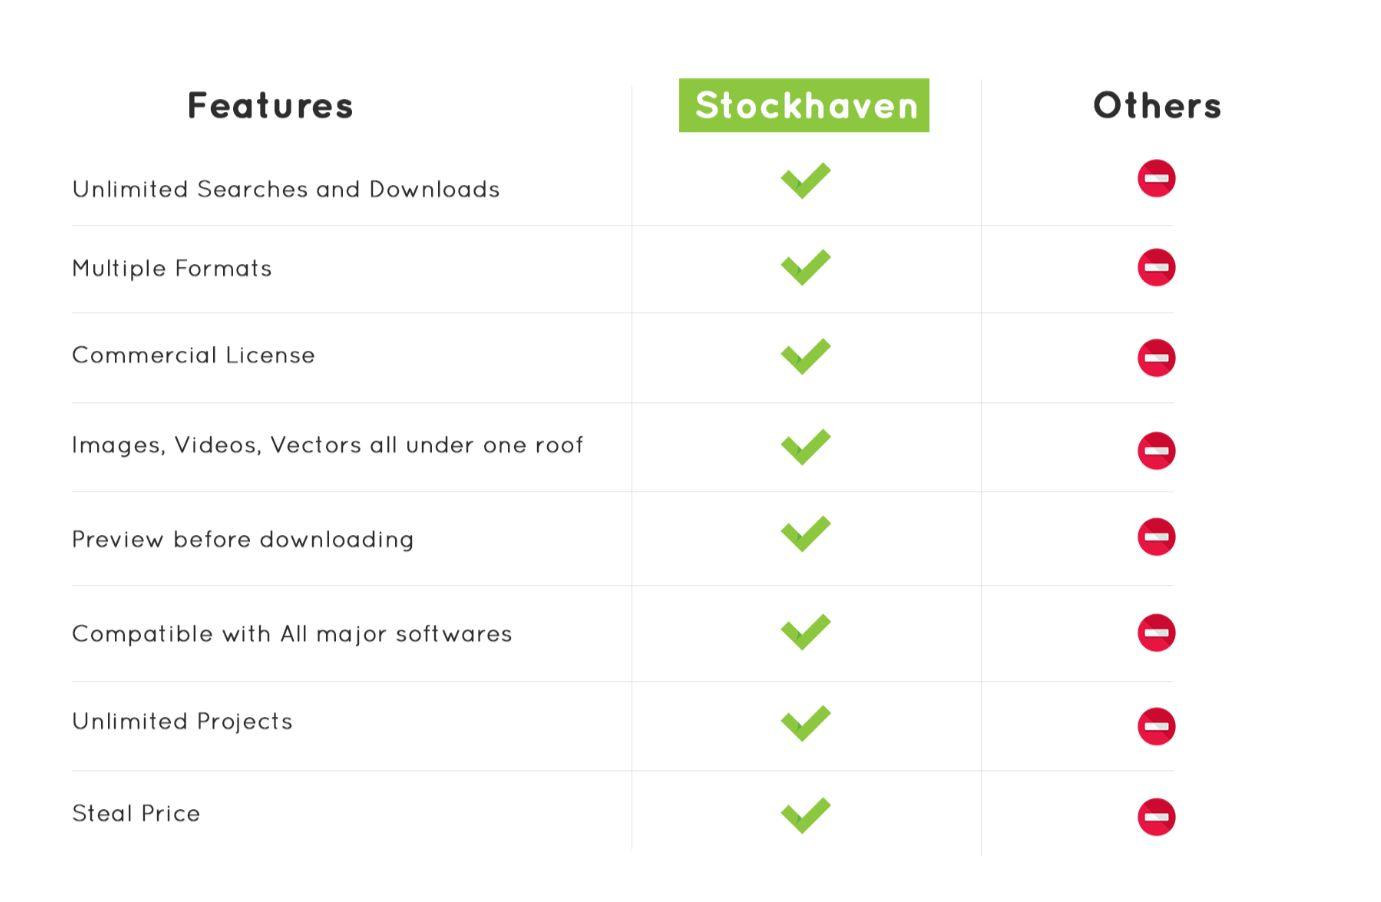 StockHaven-Comparison